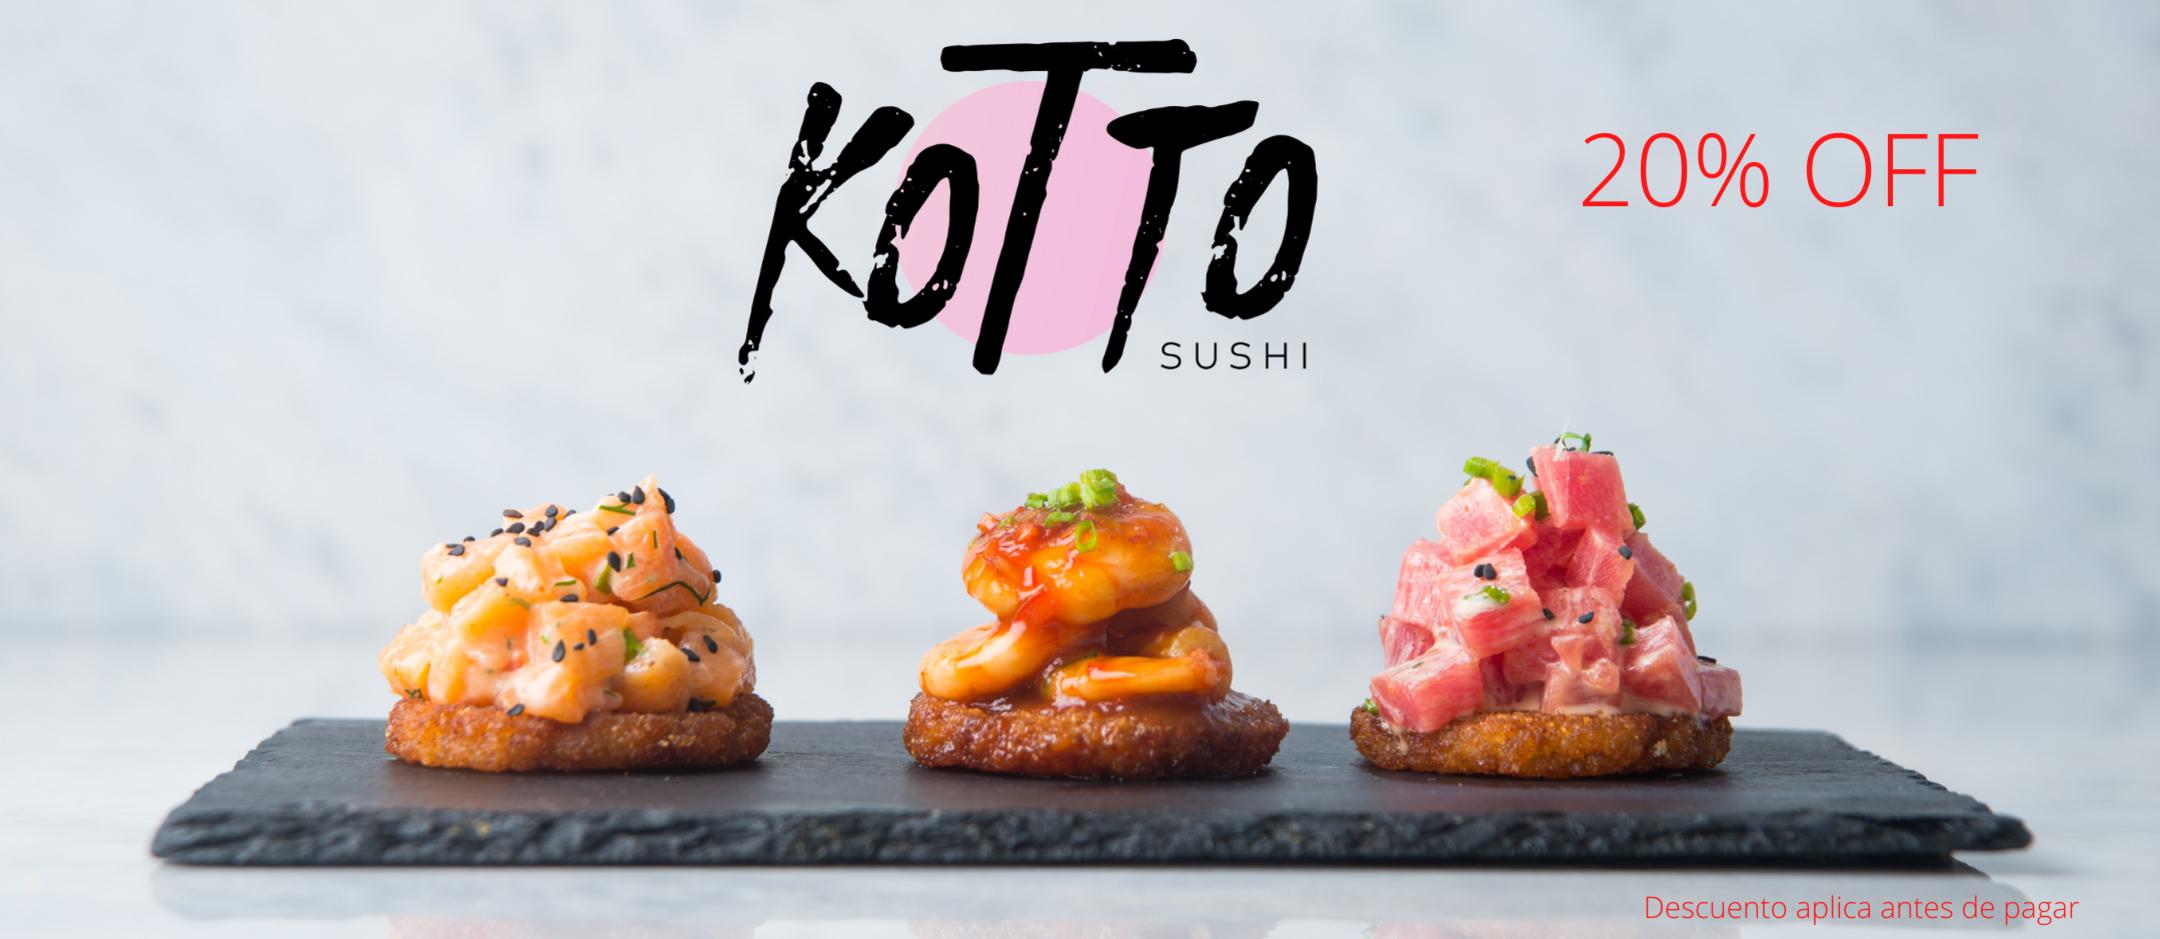 Promo Kotto Sushi - El Hatillo